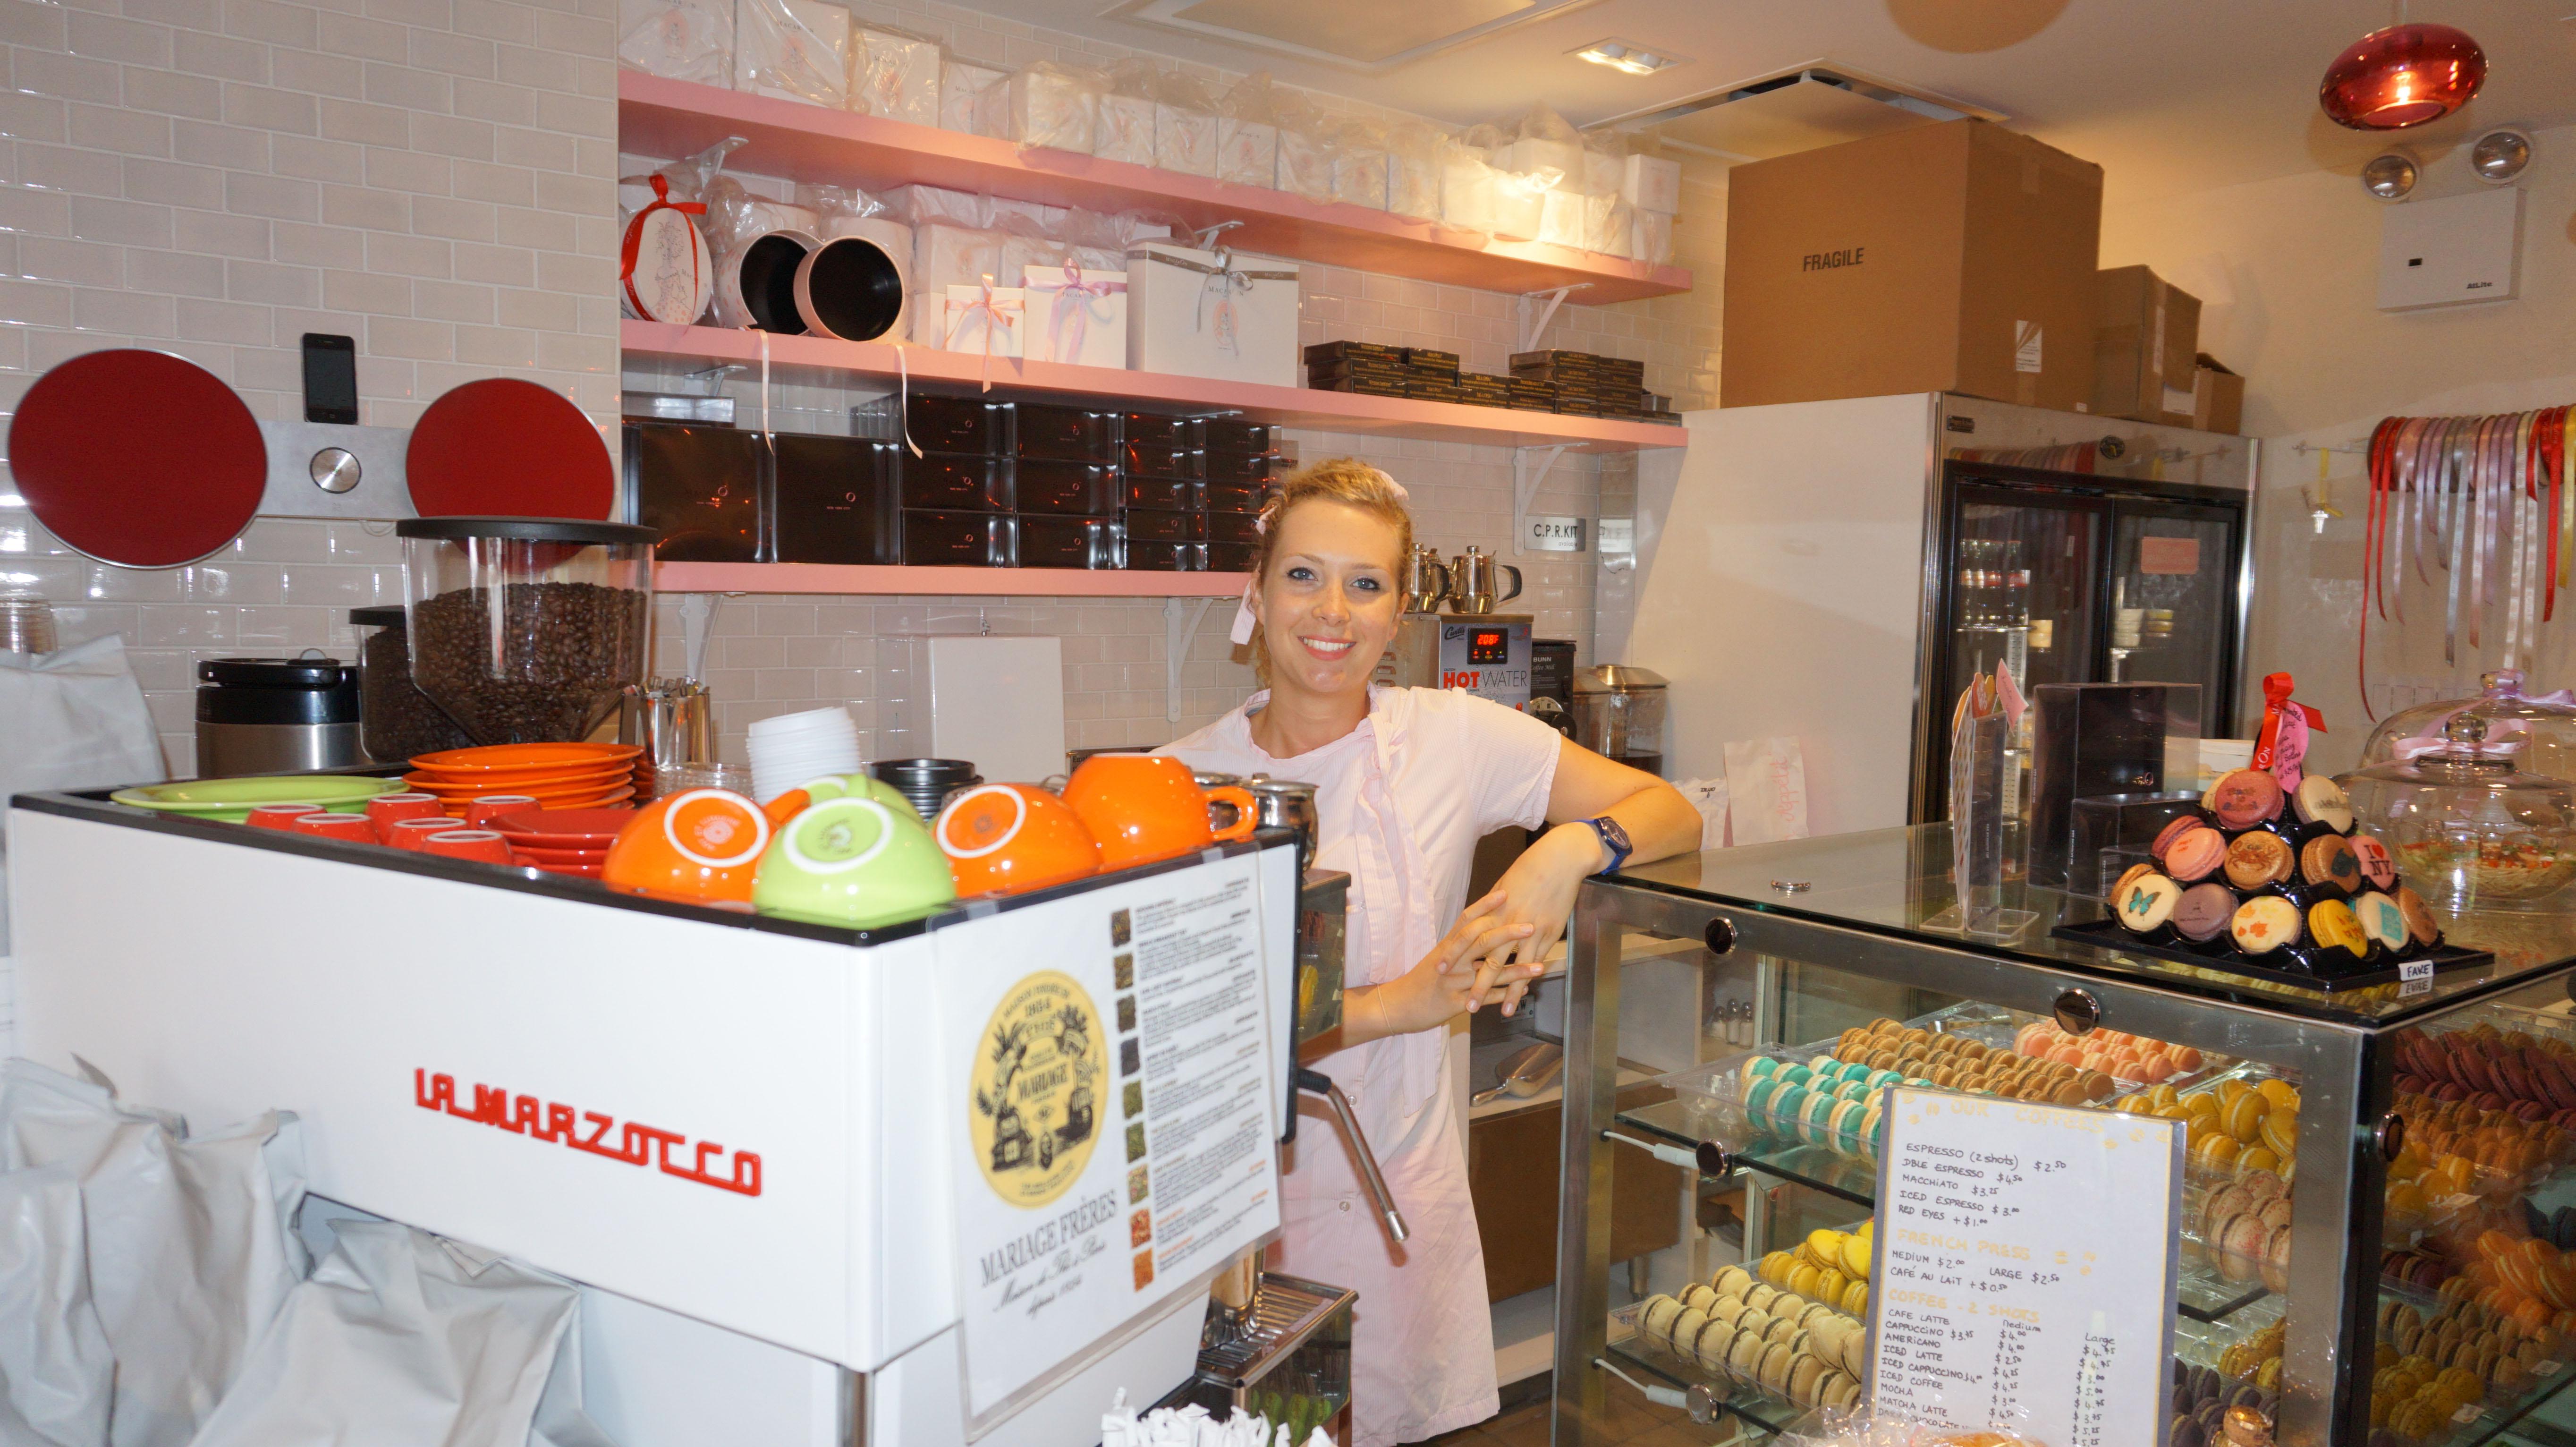 Macaron Cafe lady